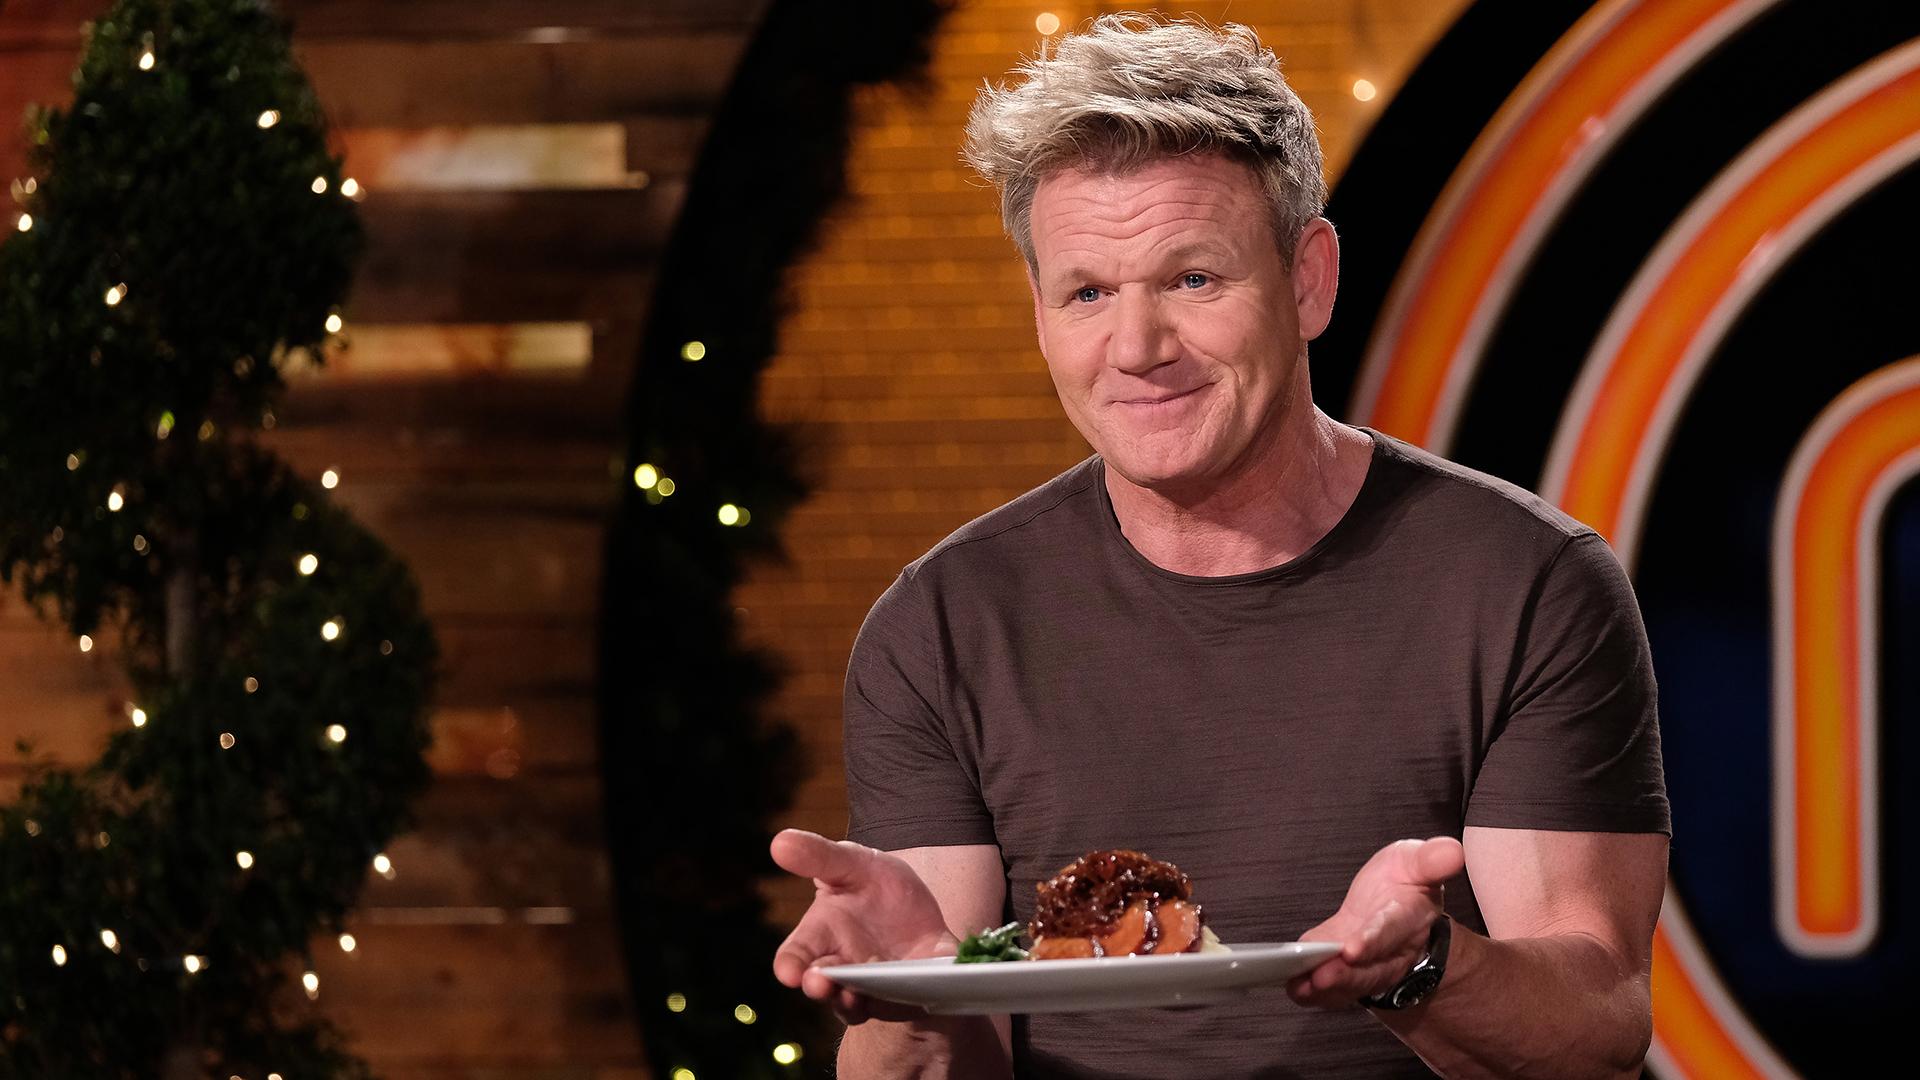 Elszédülsz, ha megtudod, mennyibe kerül egy hamburger Gordon Ramsay éttermében